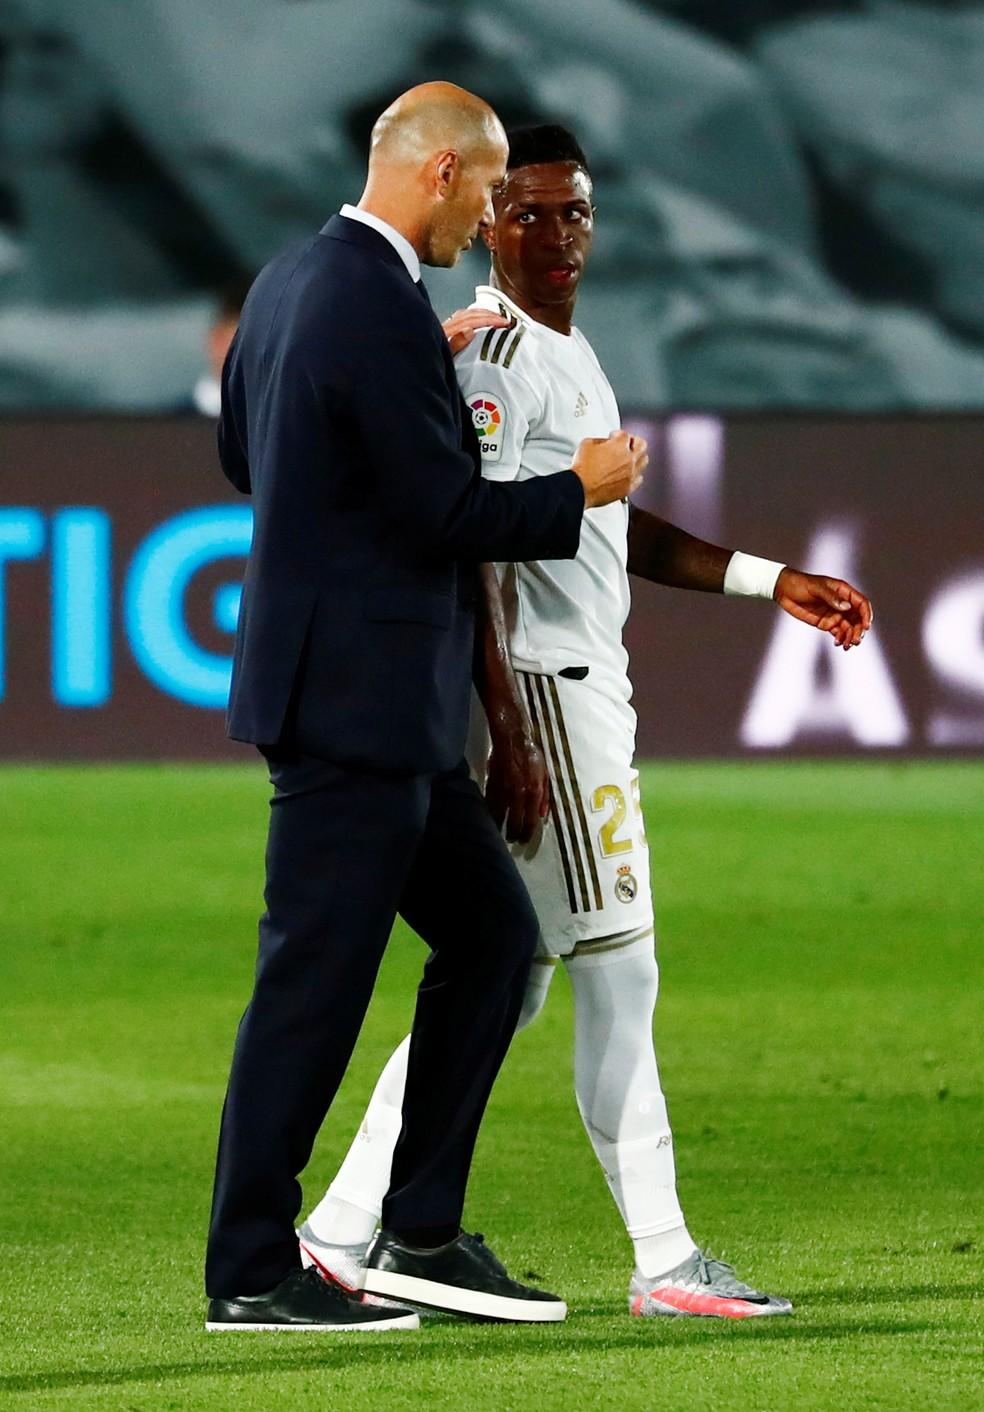 Sự trở lại của Zidane góp phần giúp Vinicius tiến bộ nhanh hơn trong công cuộc trẻ hoá Real mà HLV người Pháp thực hiện. Ảnh: EFE